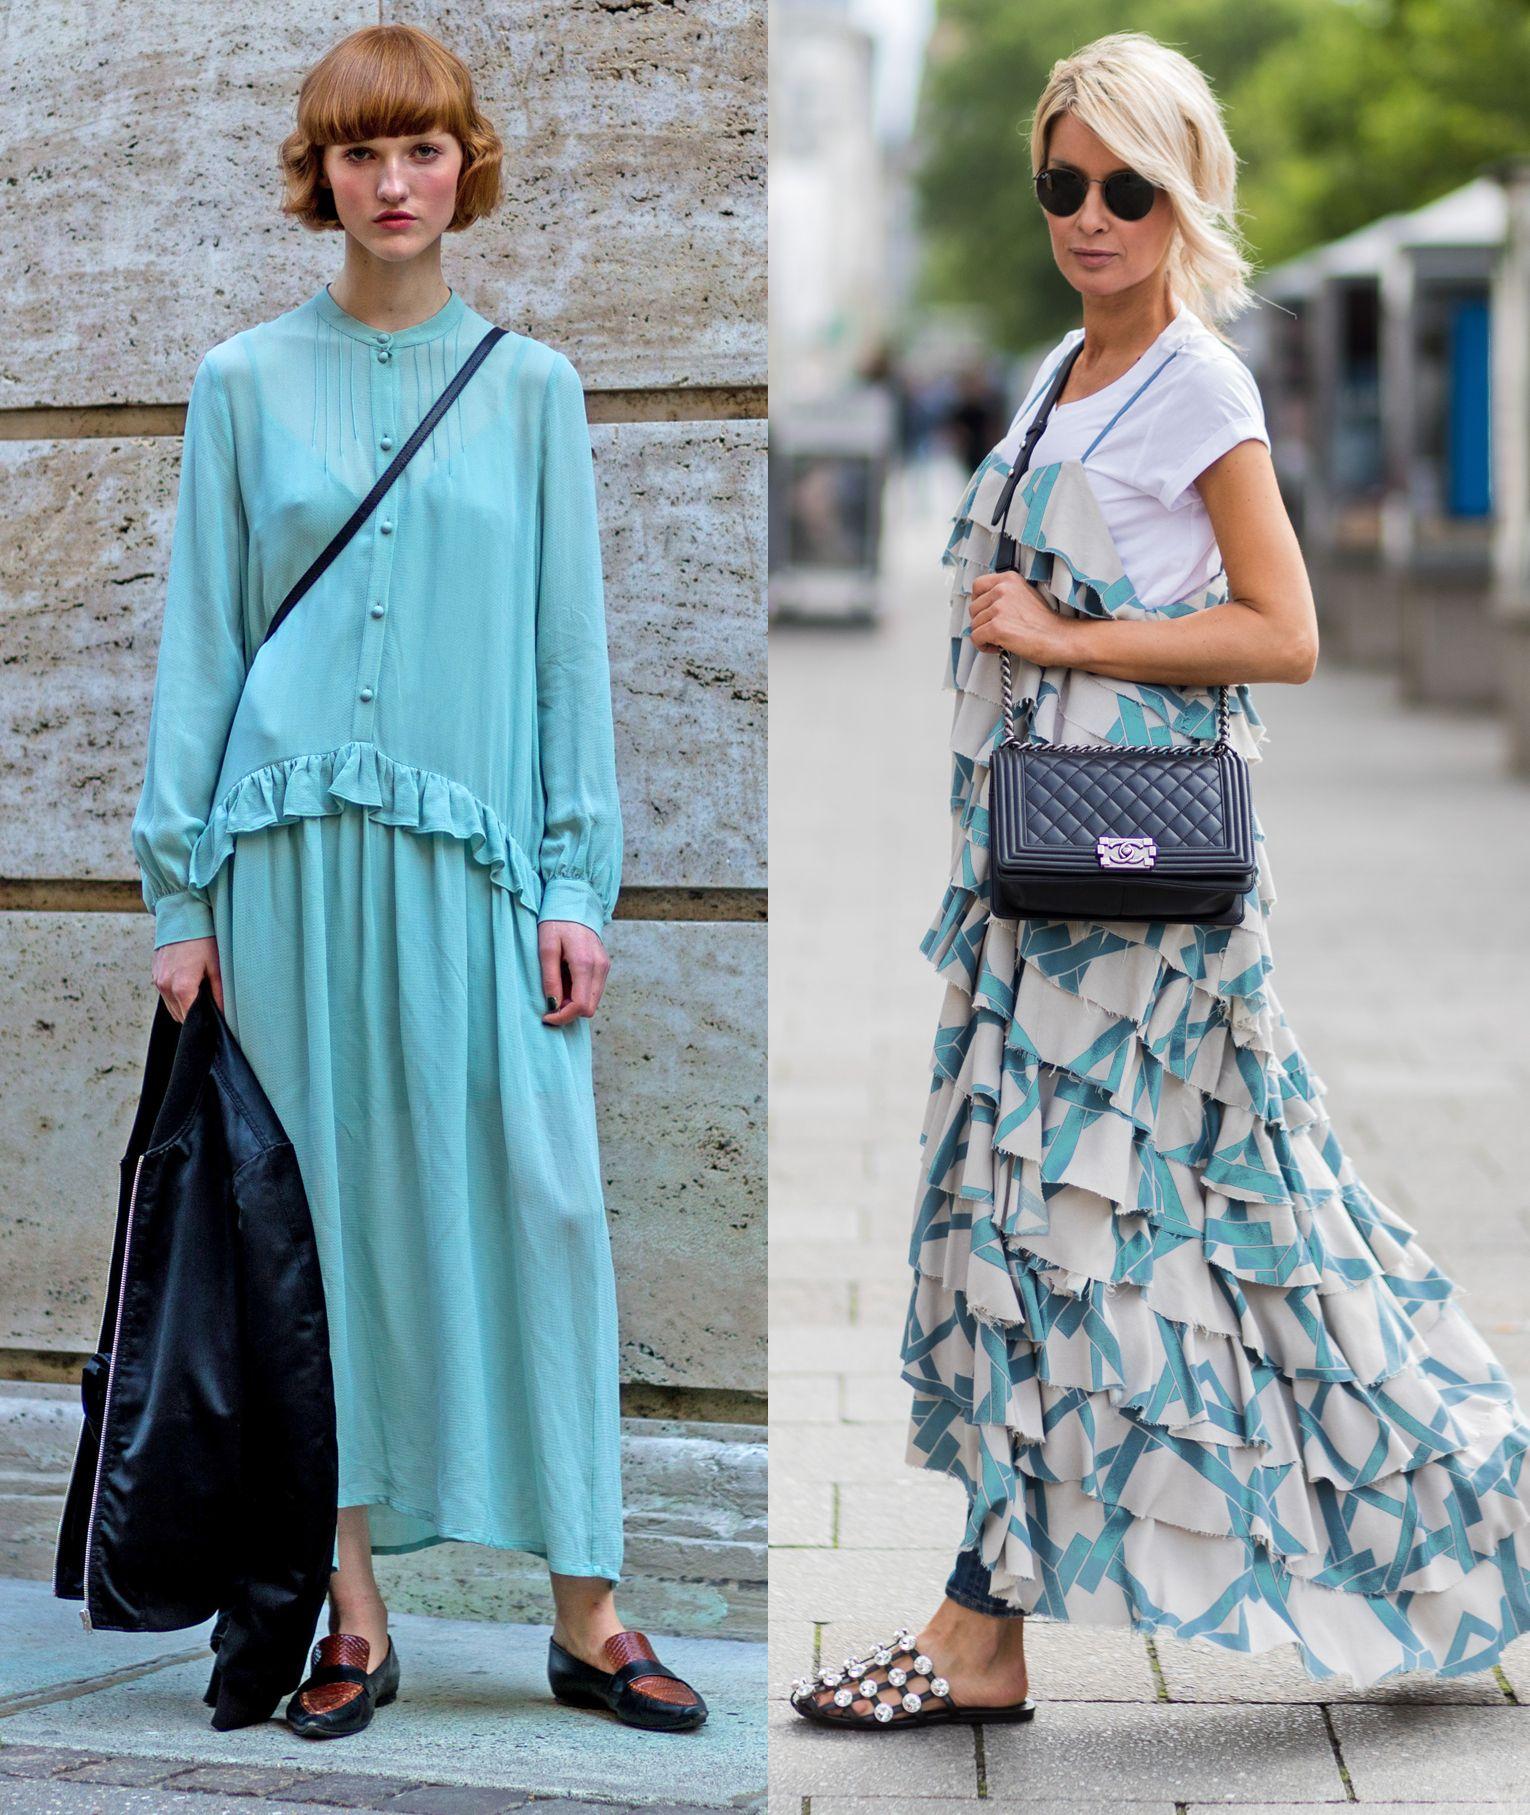 L\u0027abito lungo lo puoi indossare da mattina a sera, basta scegliere il  vestito